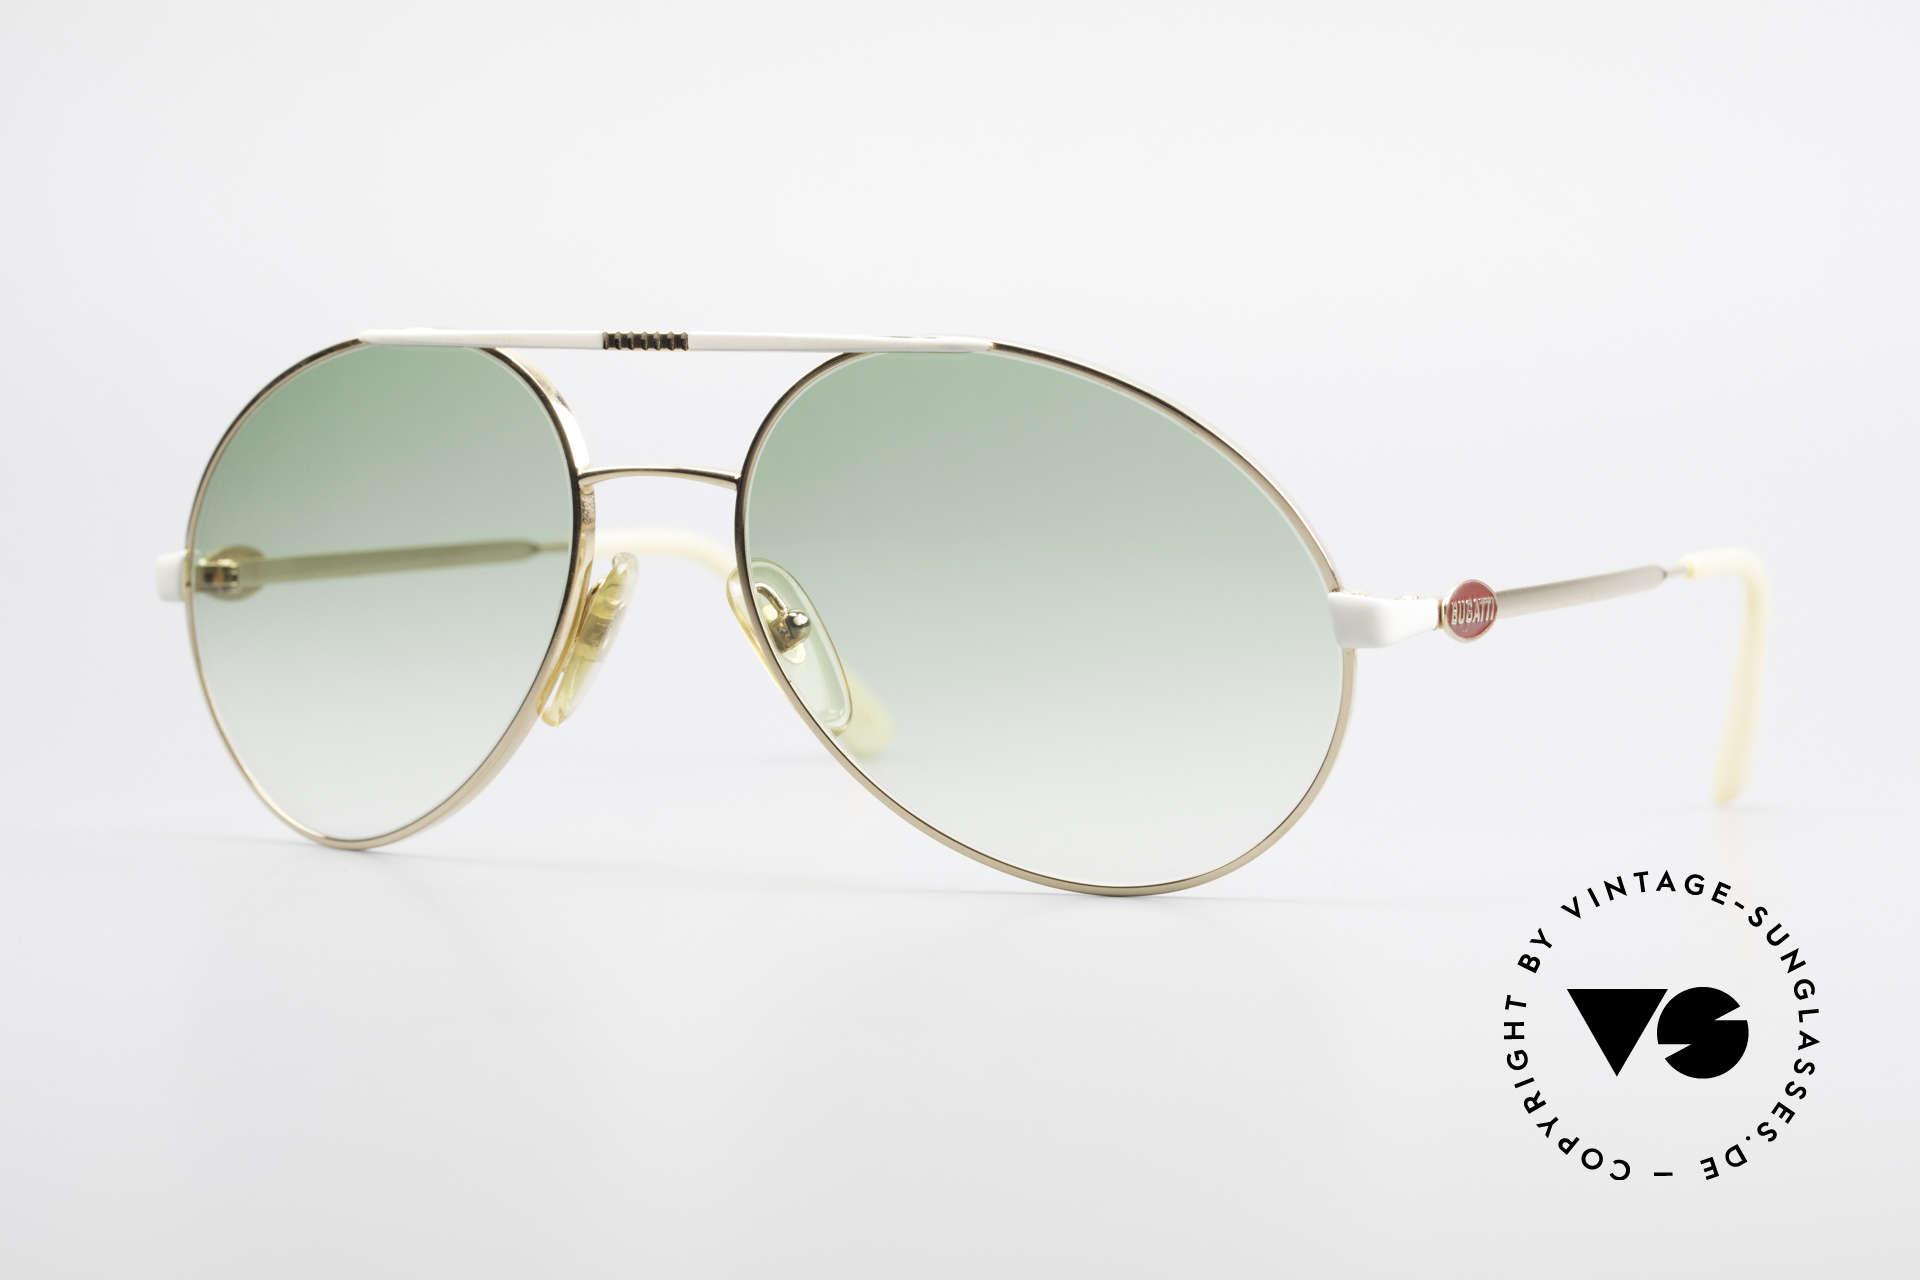 Bugatti 64319 Original 80er Sonnenbrille, klassische 80er Bugatti vintage Herren-Sonnenbrille, Passend für Herren